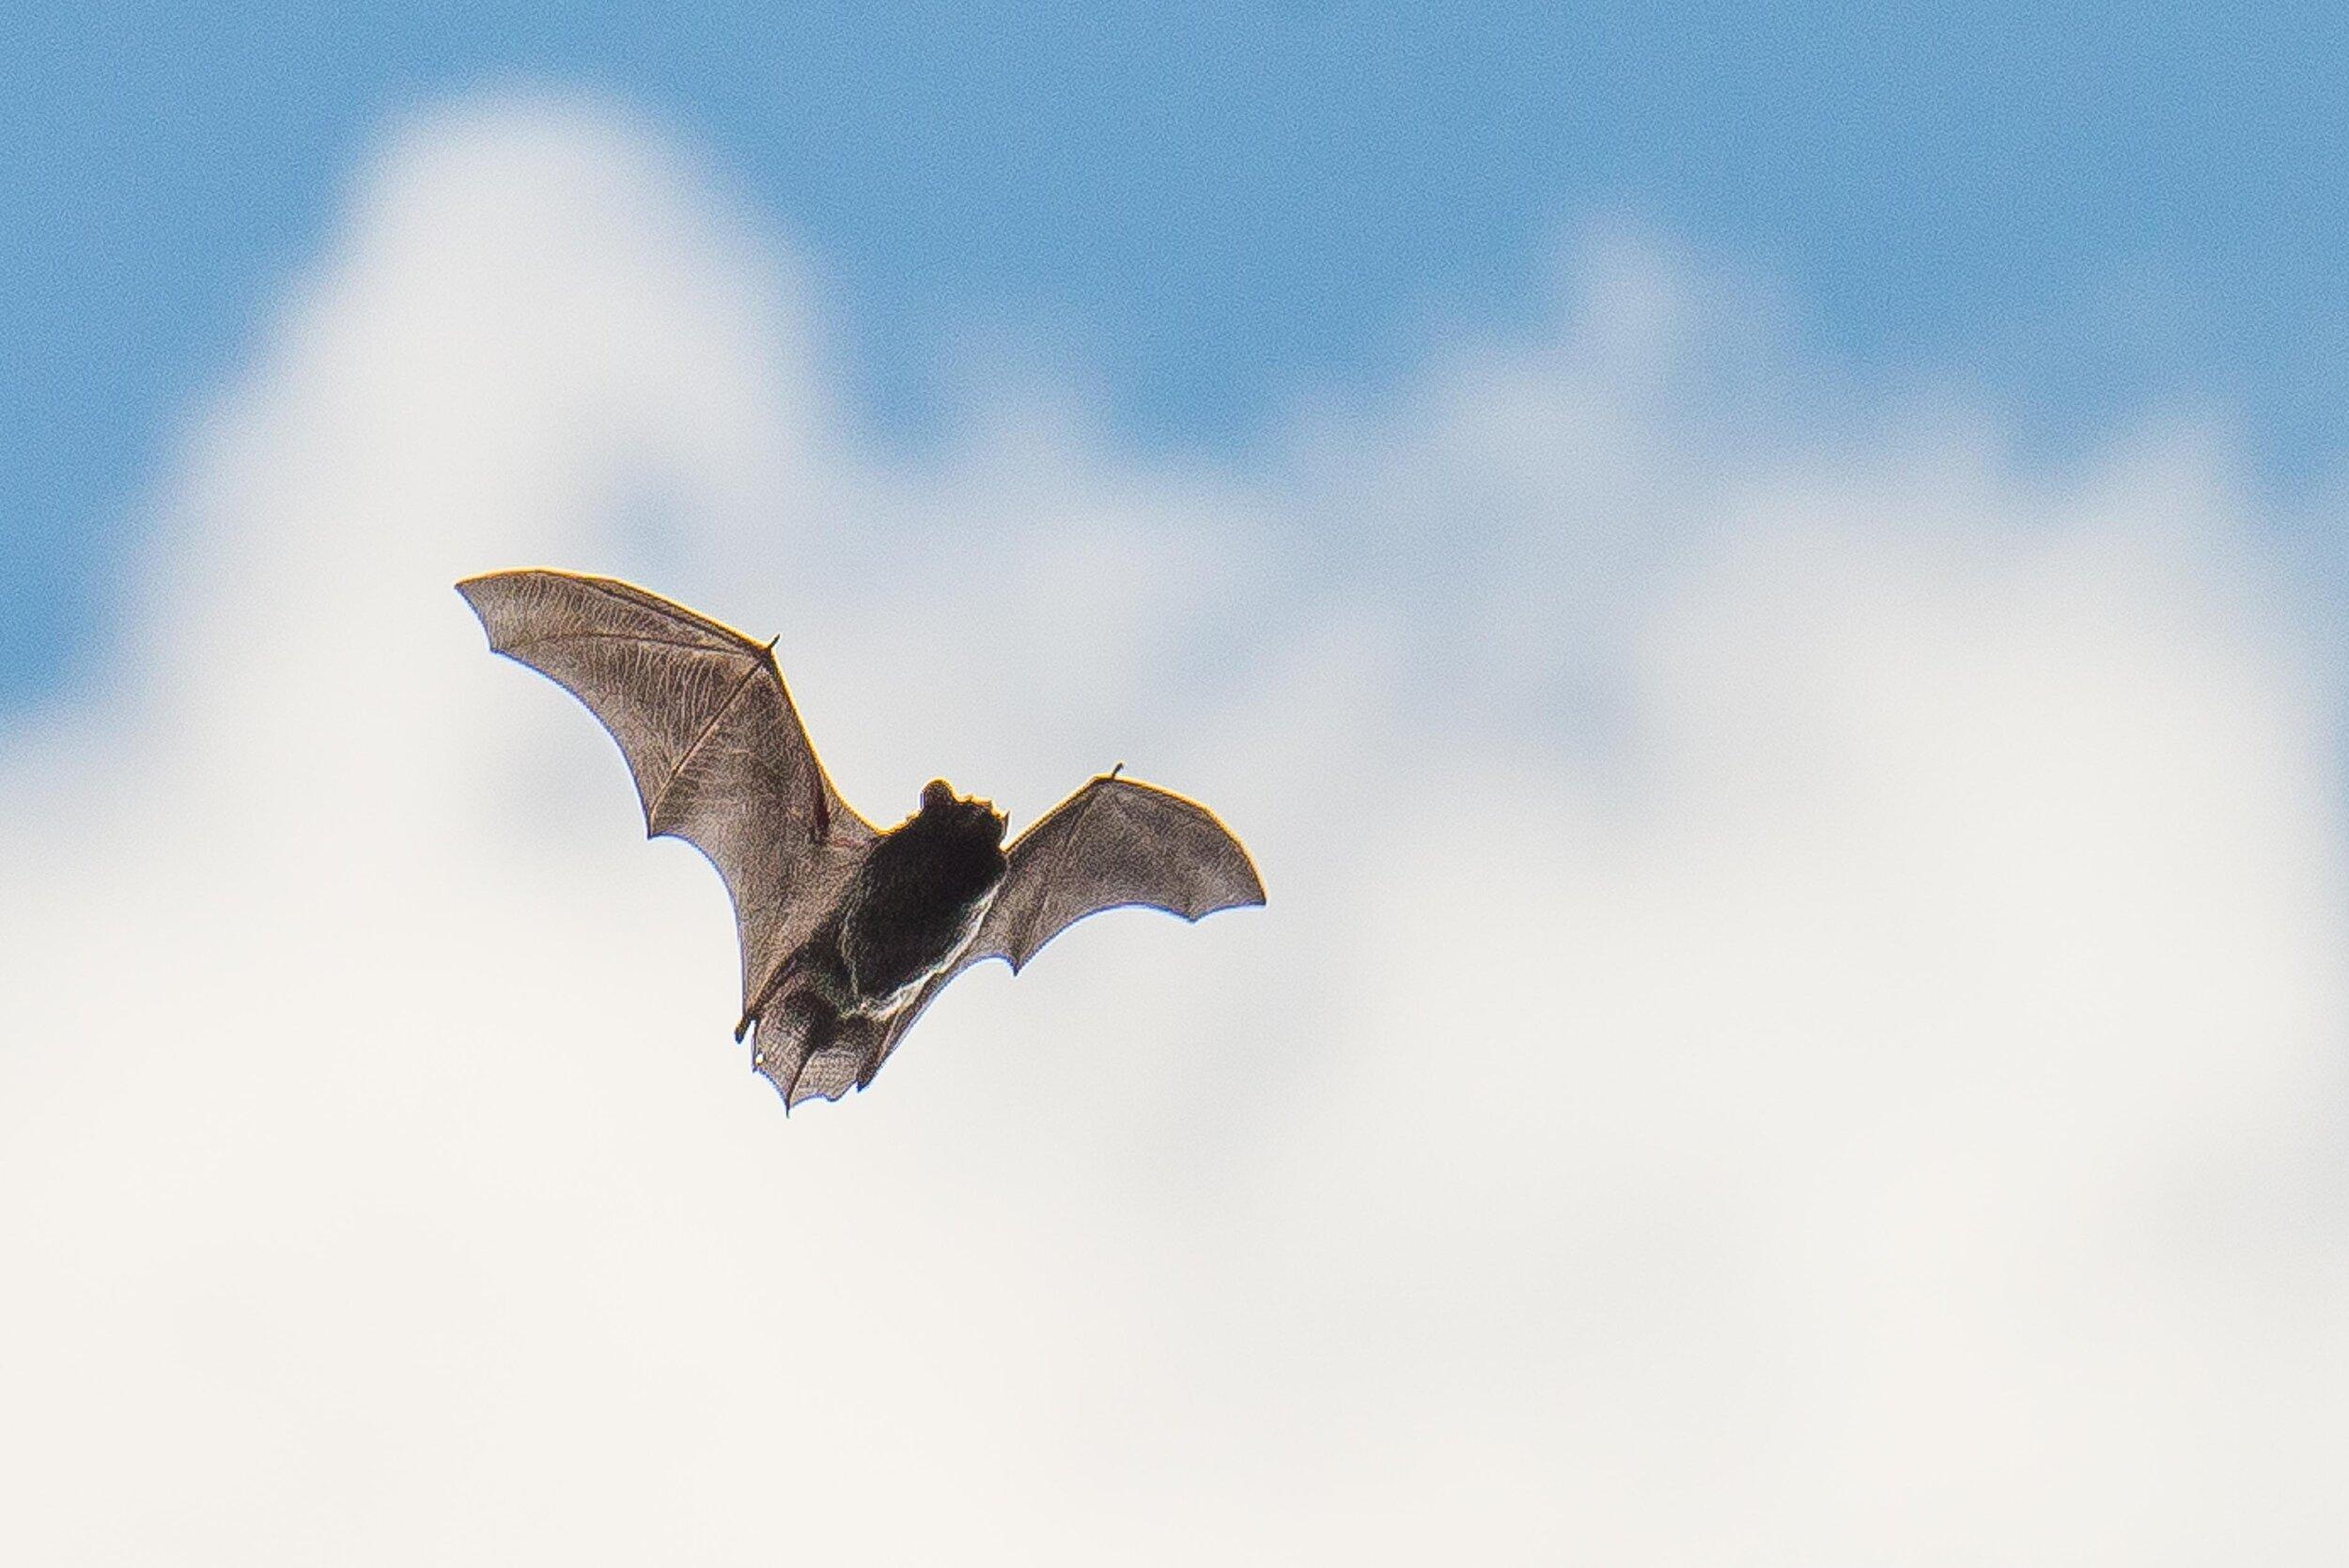 BethMathews-Bat-225.jpg